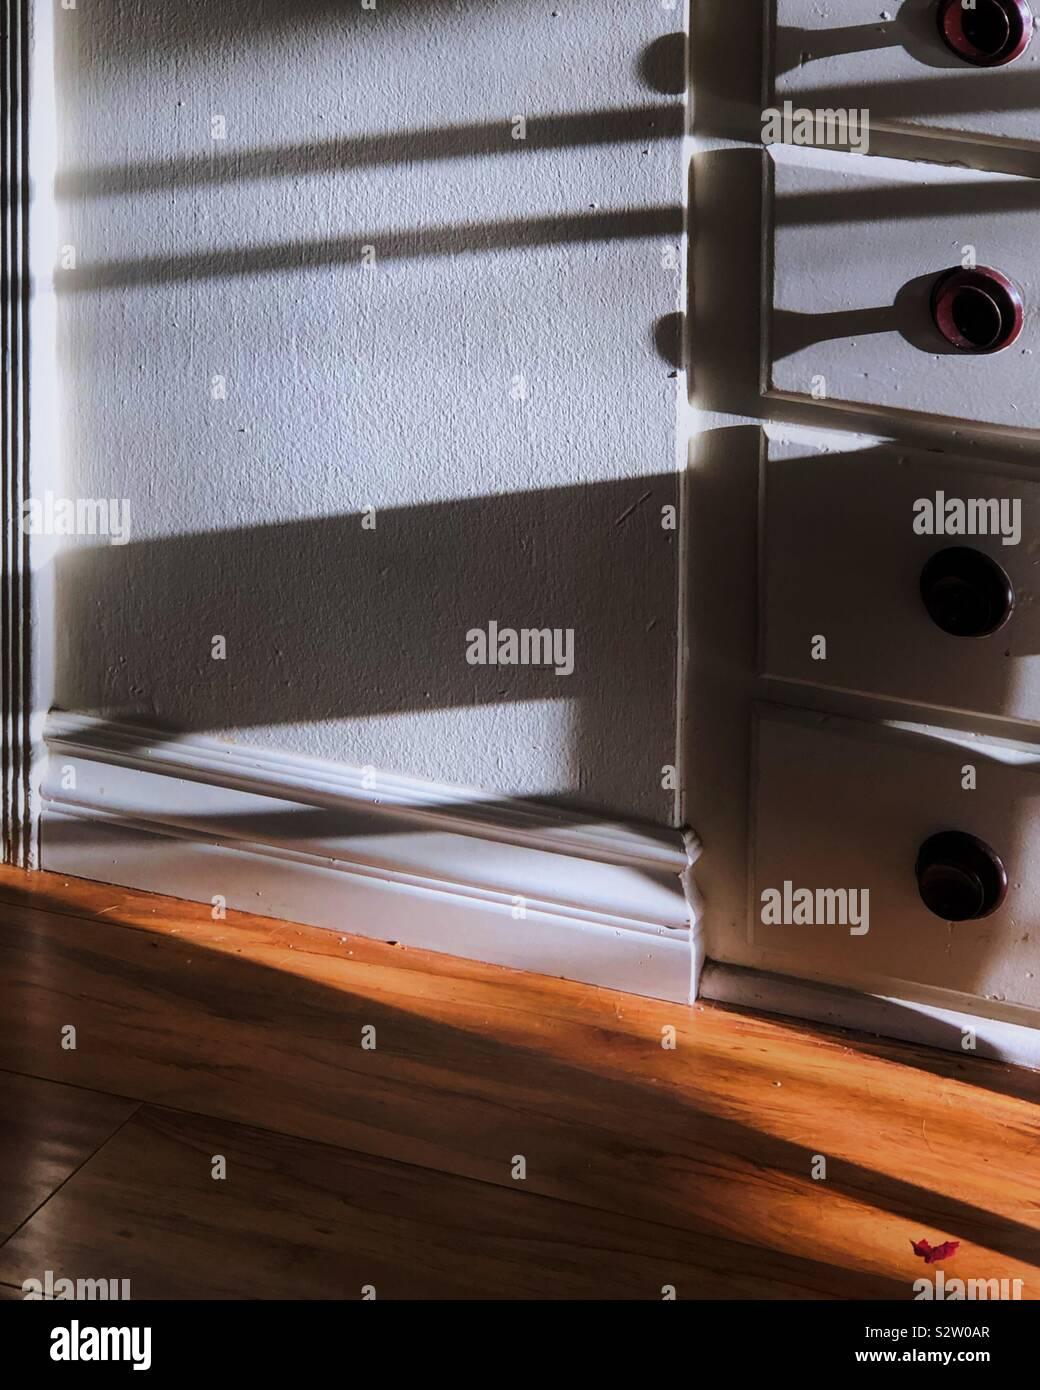 Presto le ombre della sera disseminati in un builtin scrivania e armadio. I pavimenti in legno duro kick up un sacco di luce ambiente. Foto Stock